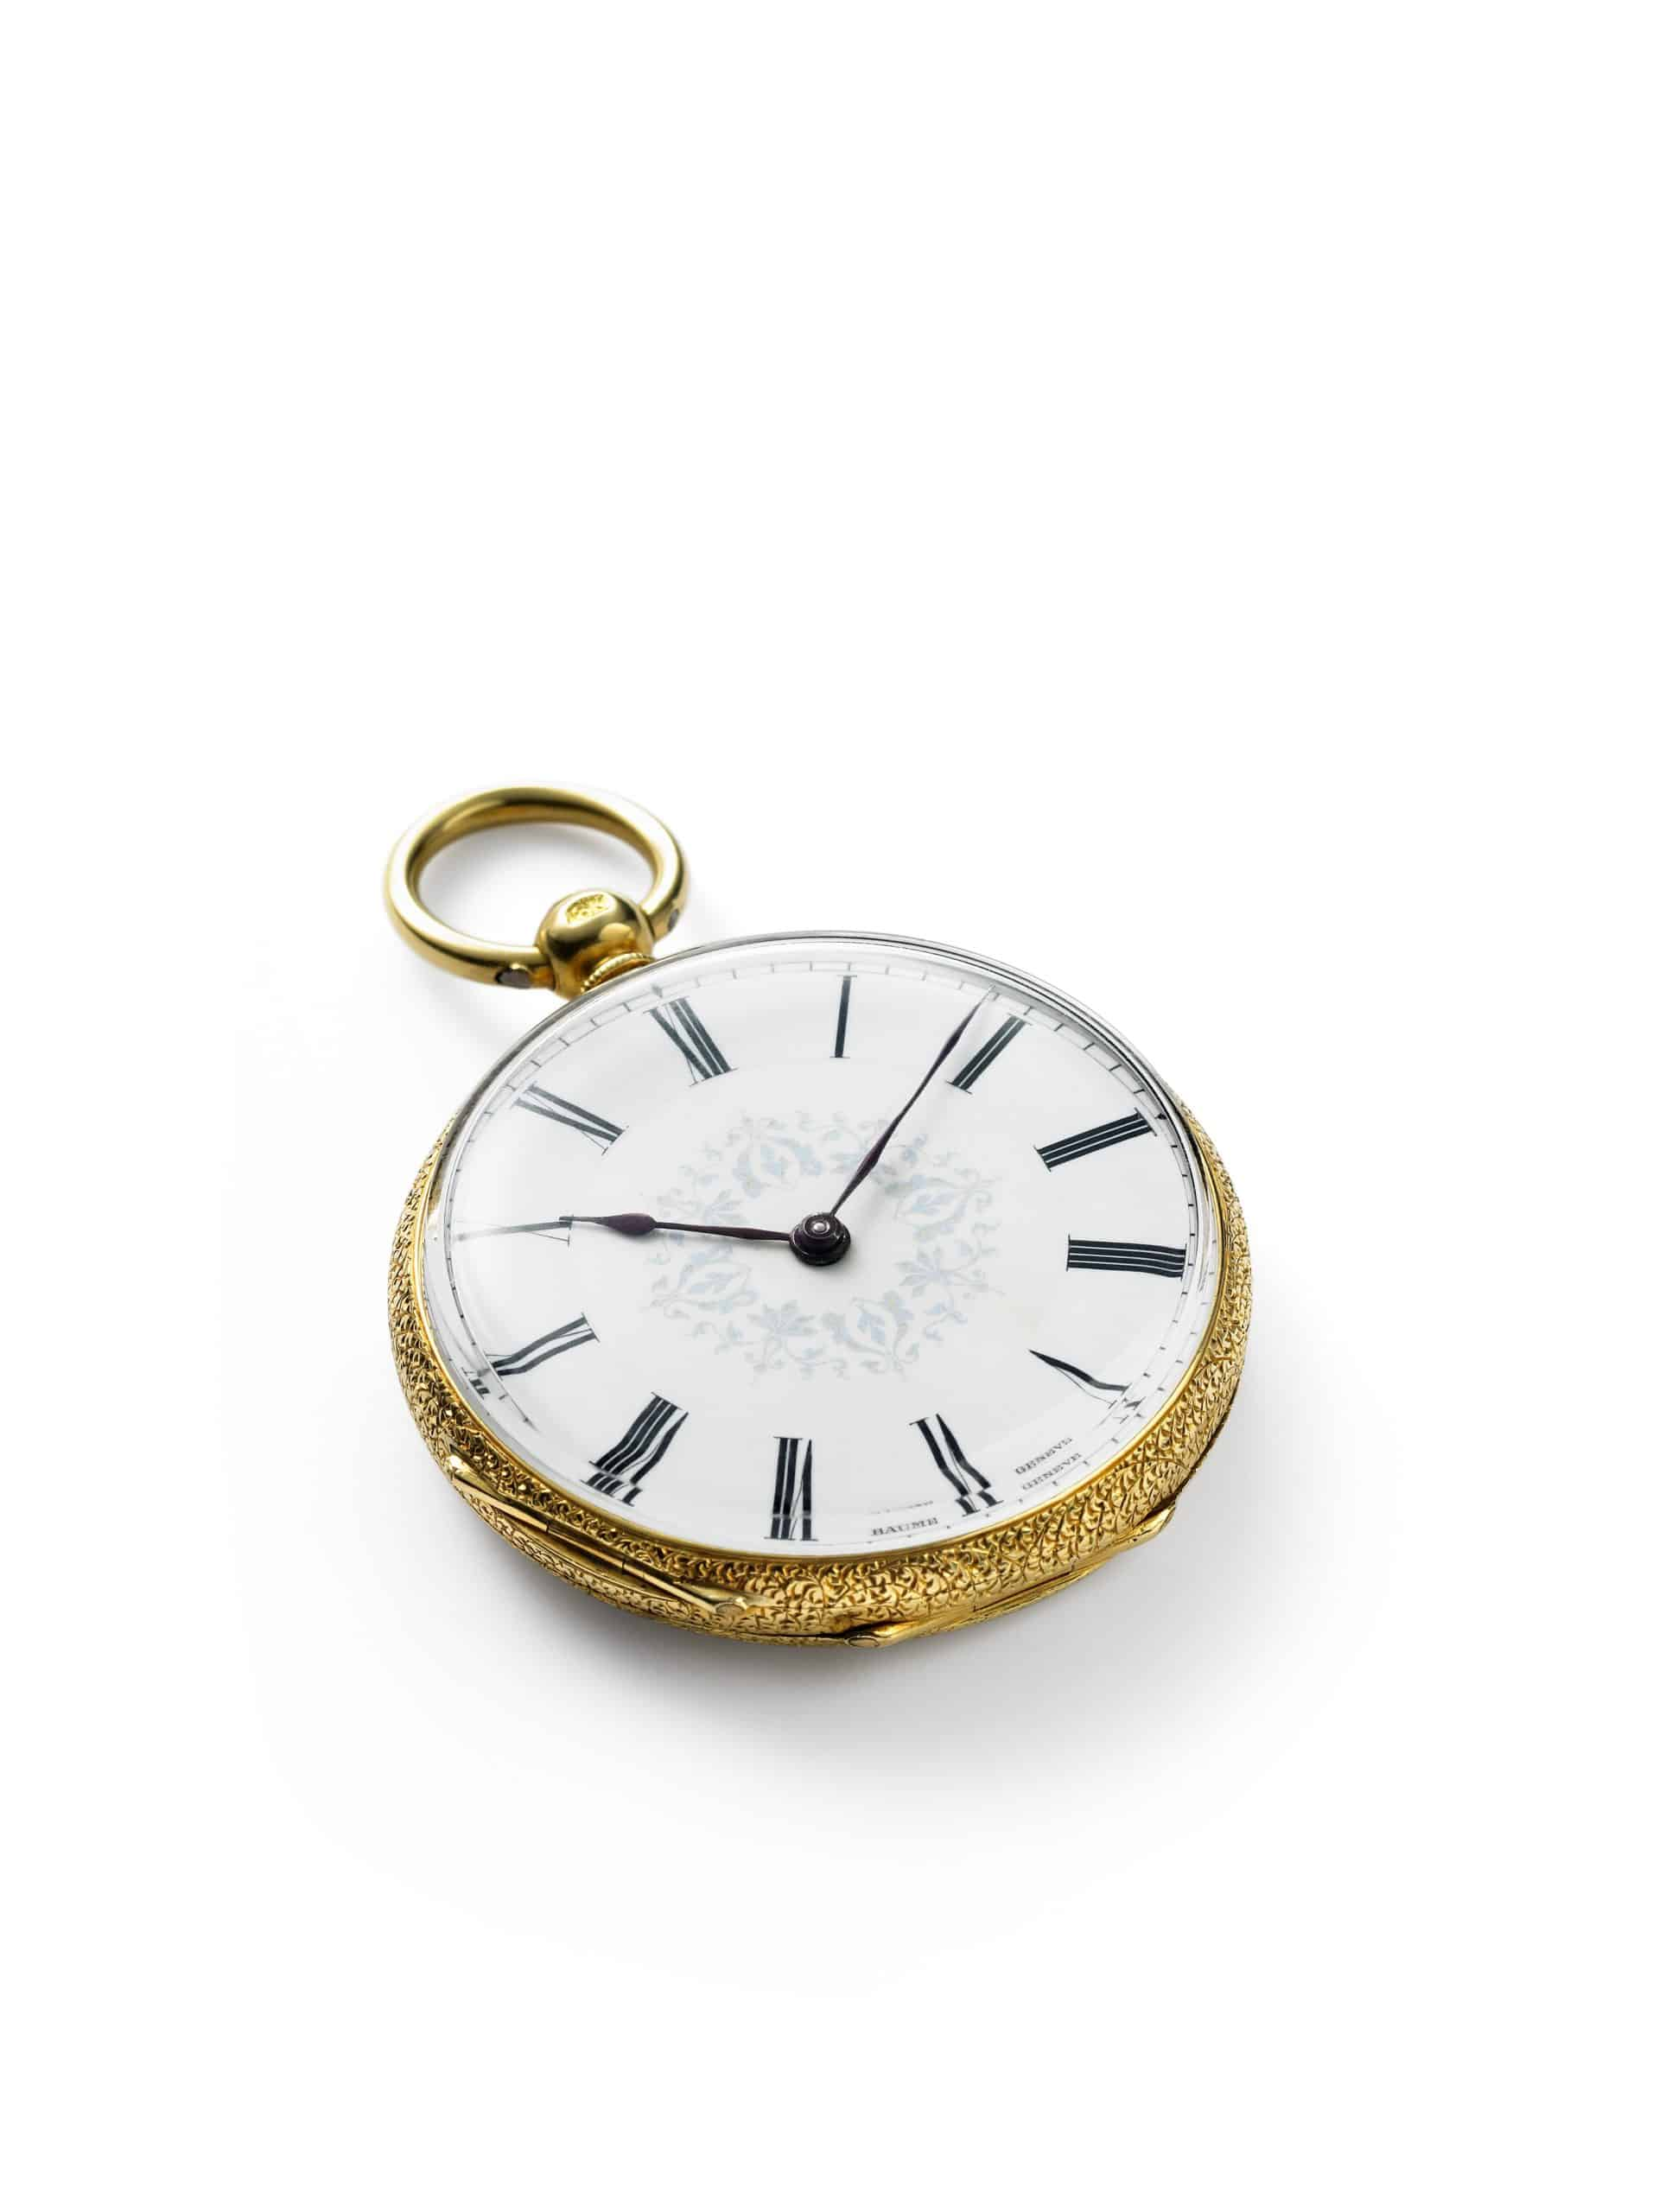 Schöne Taschenuhren in feiner Handarbeit gebaut und mit dem Genfer Siegel geschmückt, gab es schon vor vielen Jahren